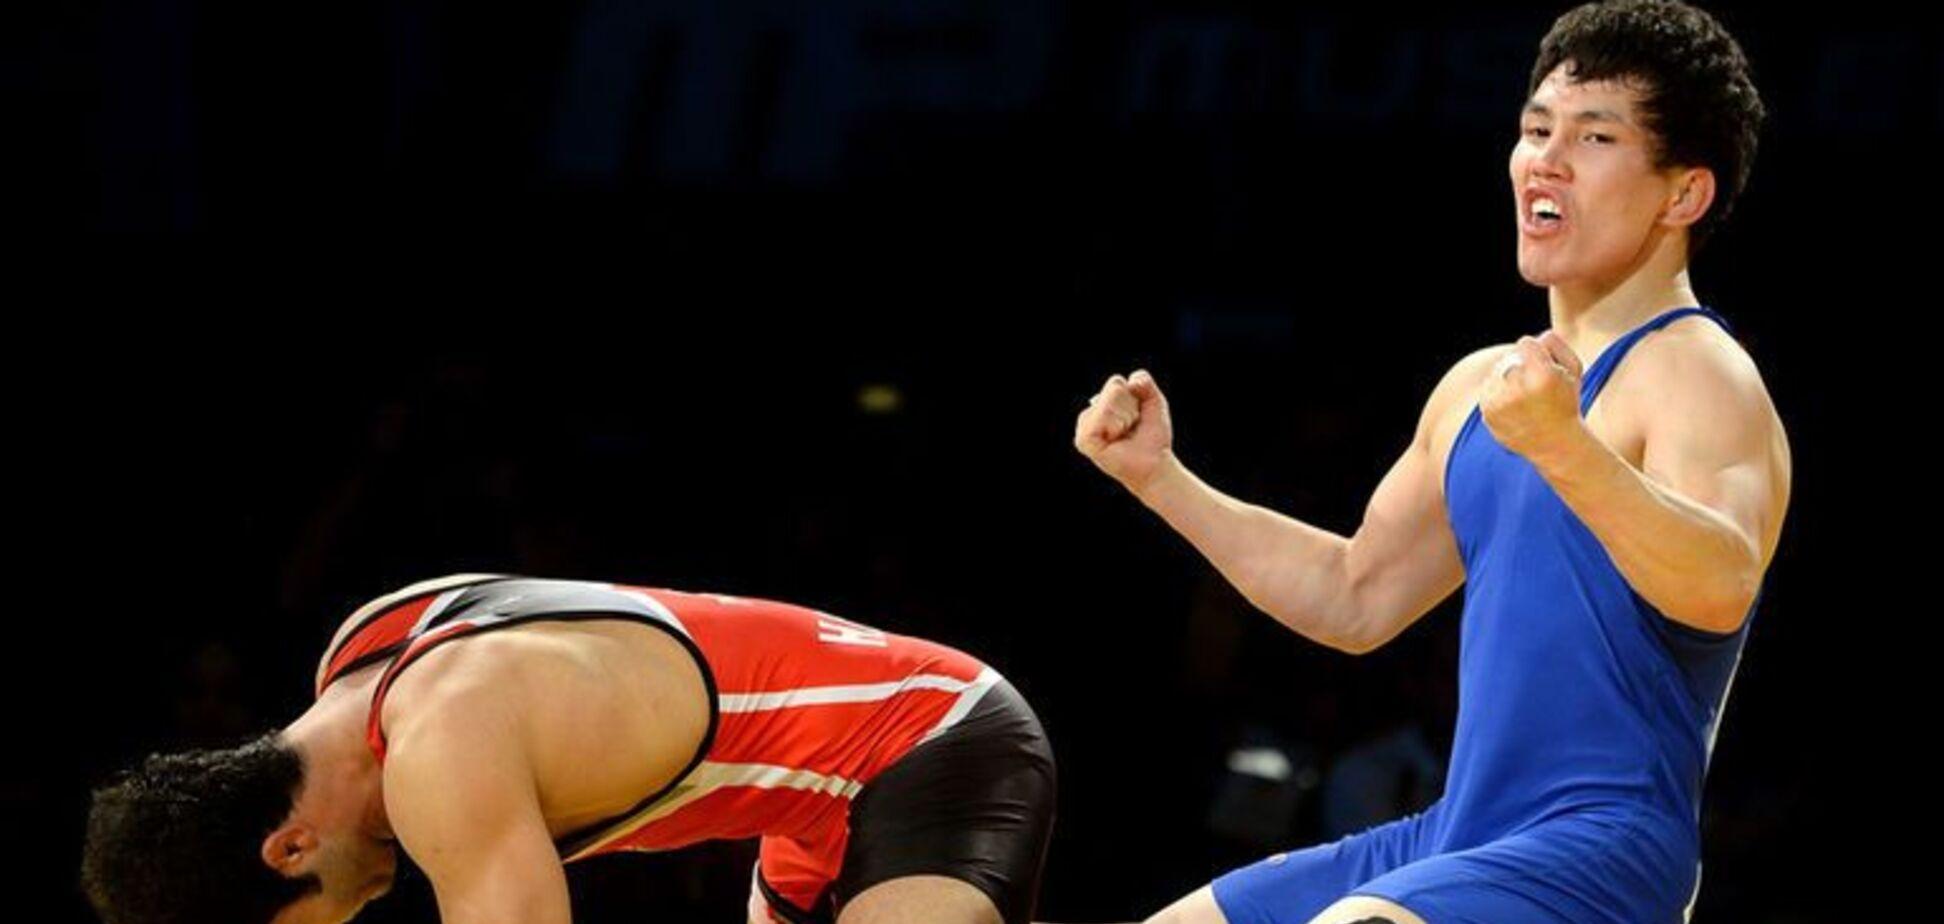 Чемпион мира из России совершил гнусный поступок с подчиненым